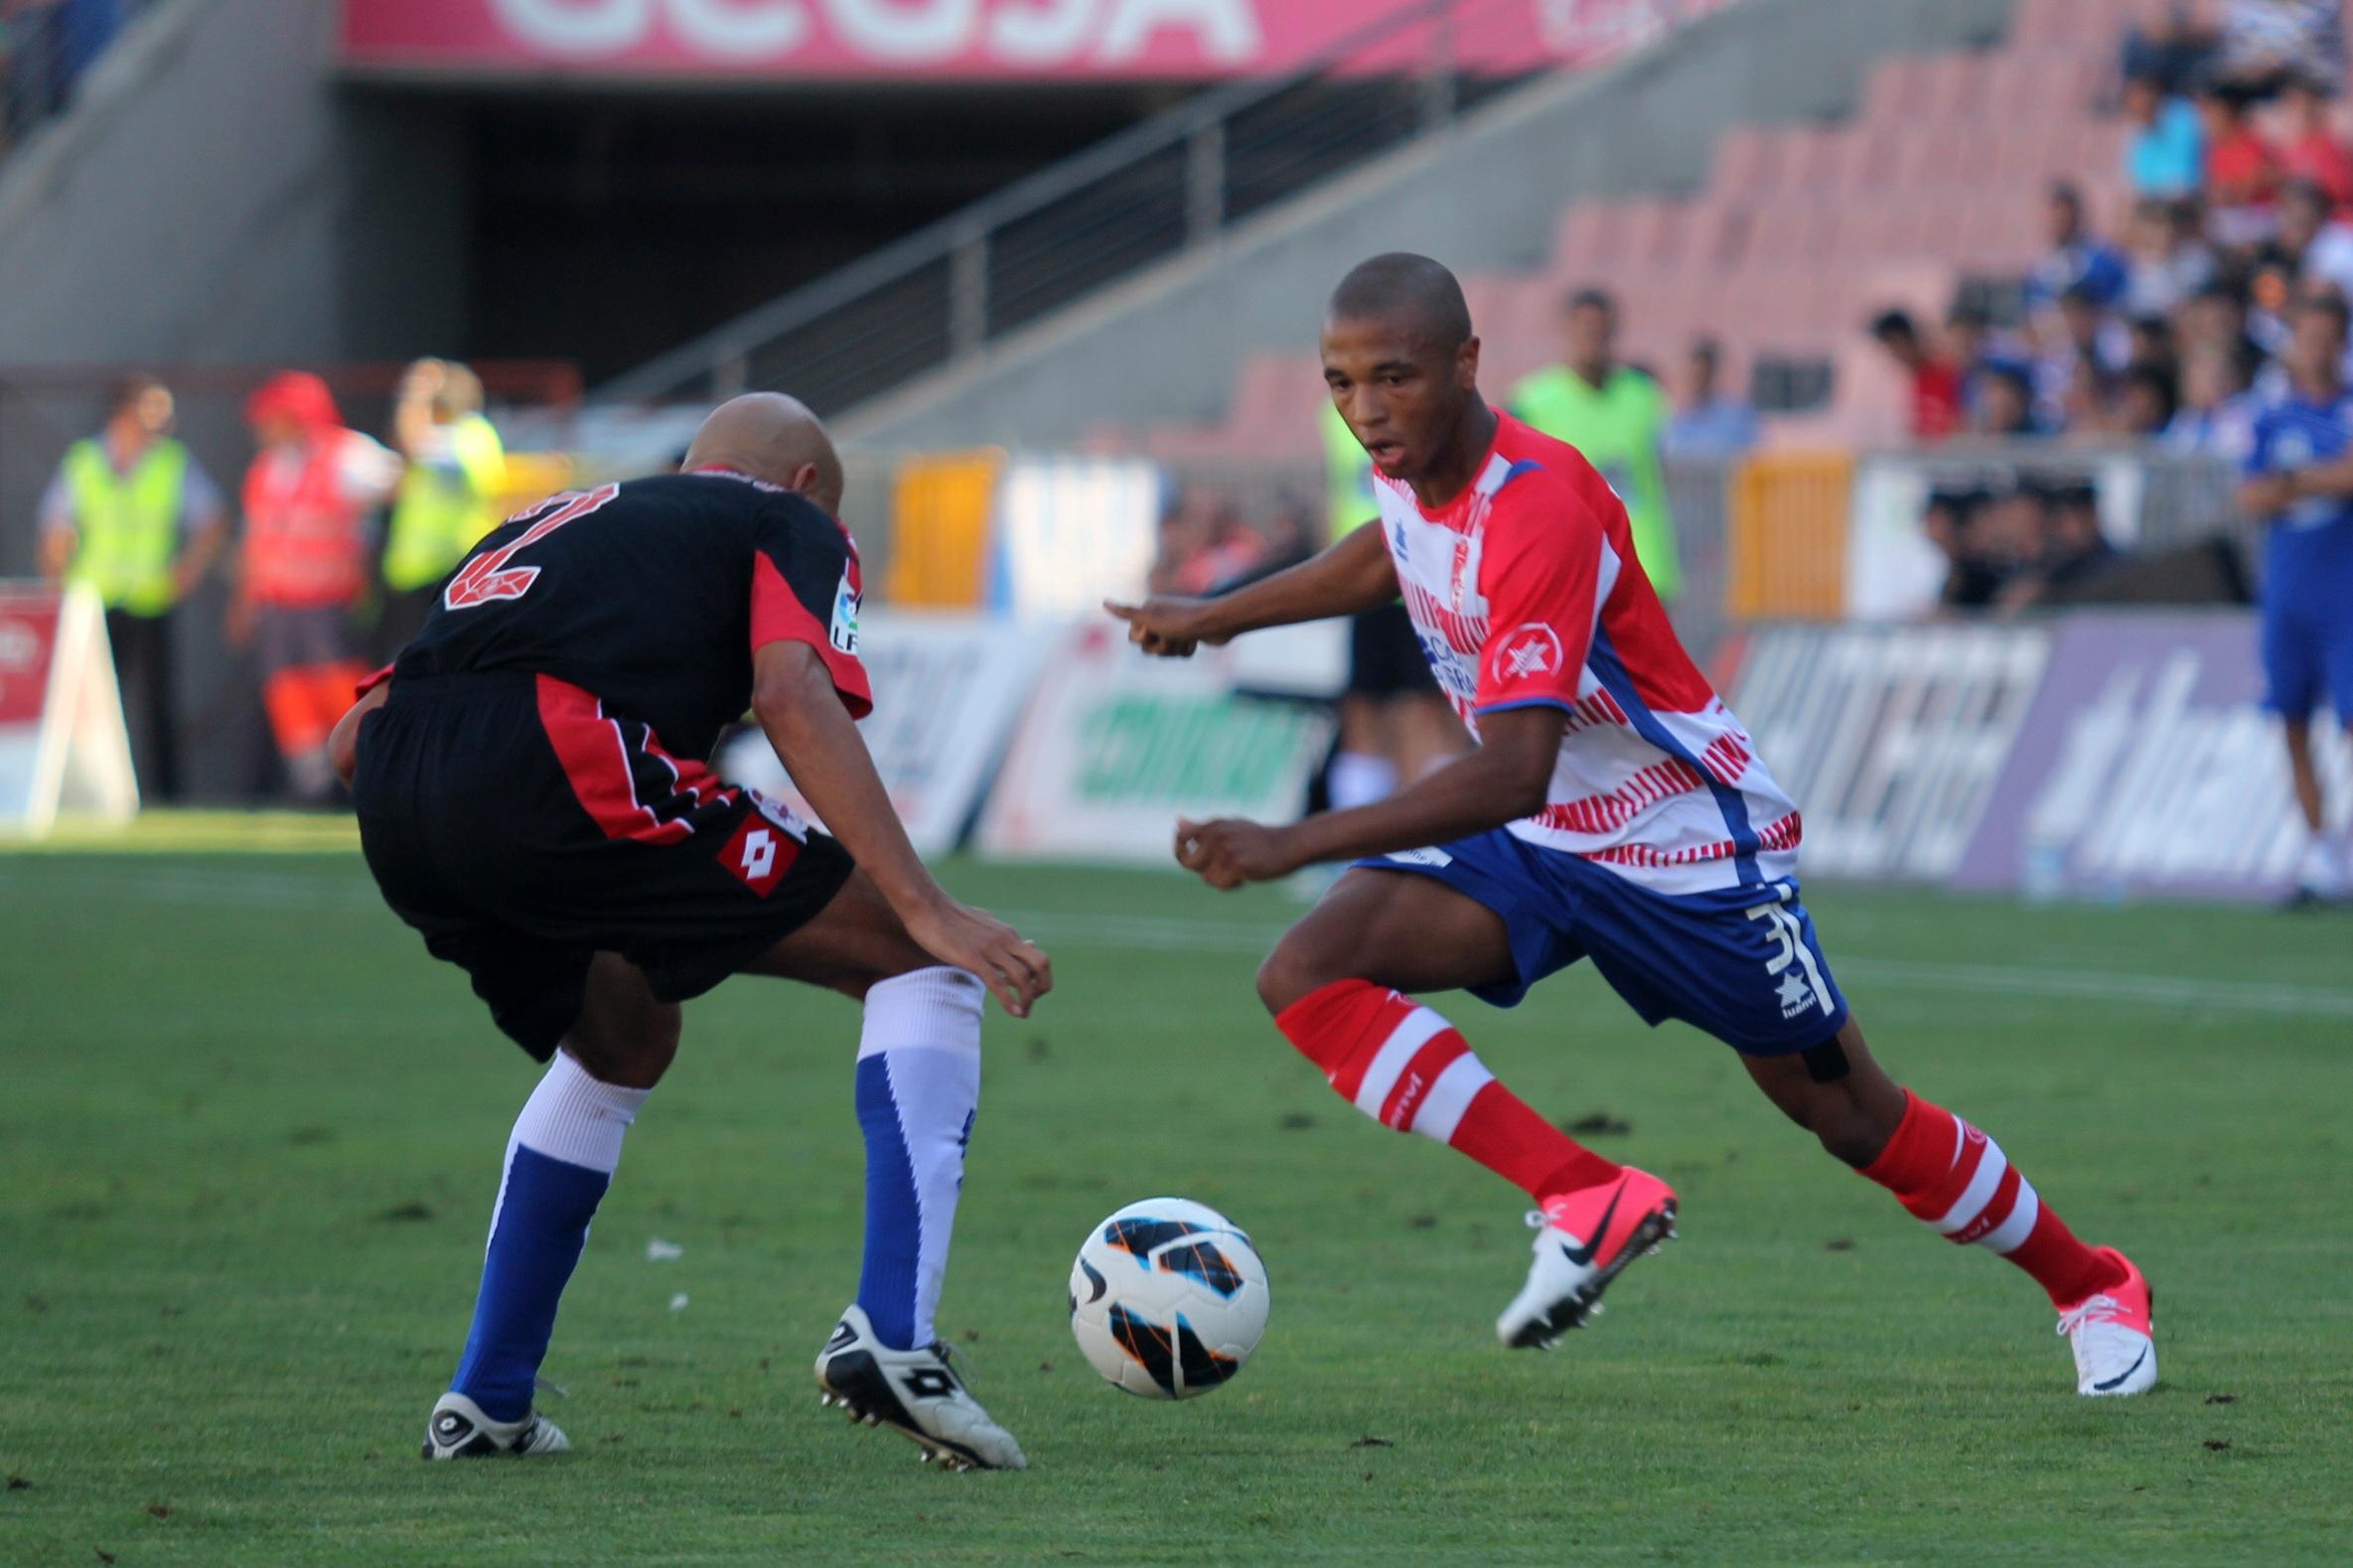 El Granada reacciona tarde en su 'duelo' ante el Dépor (1-1)